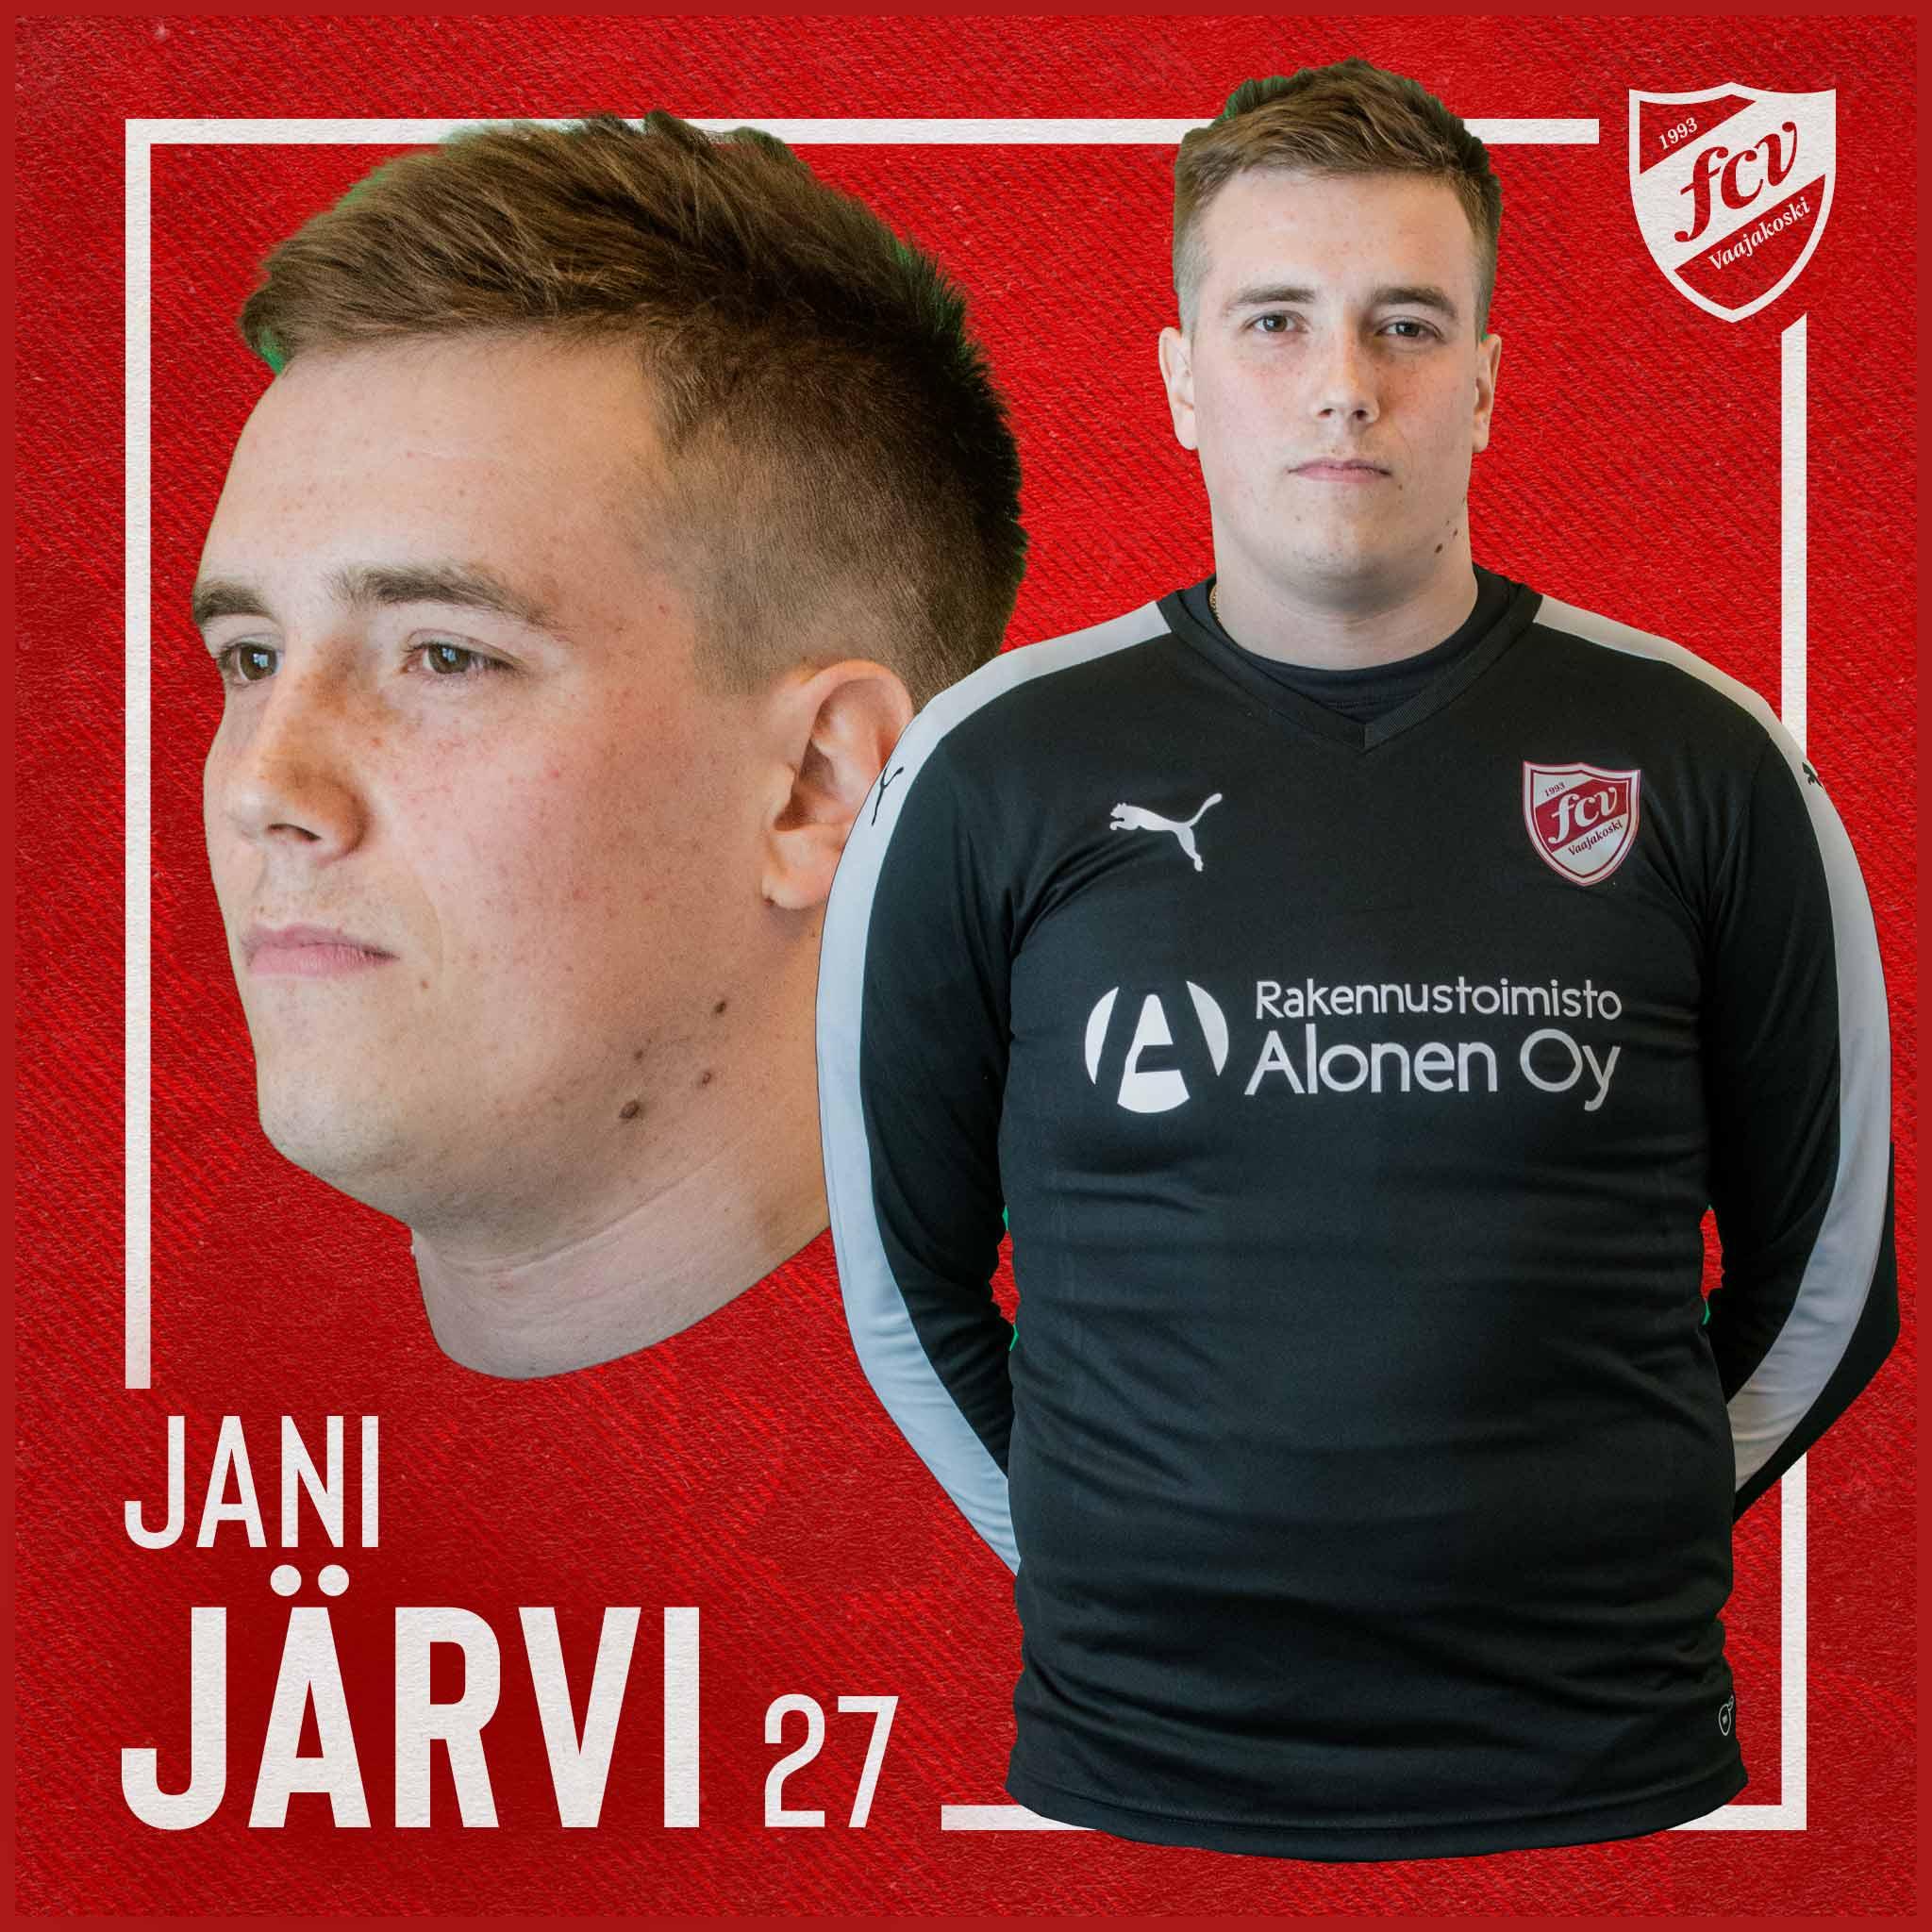 Jani Järvi